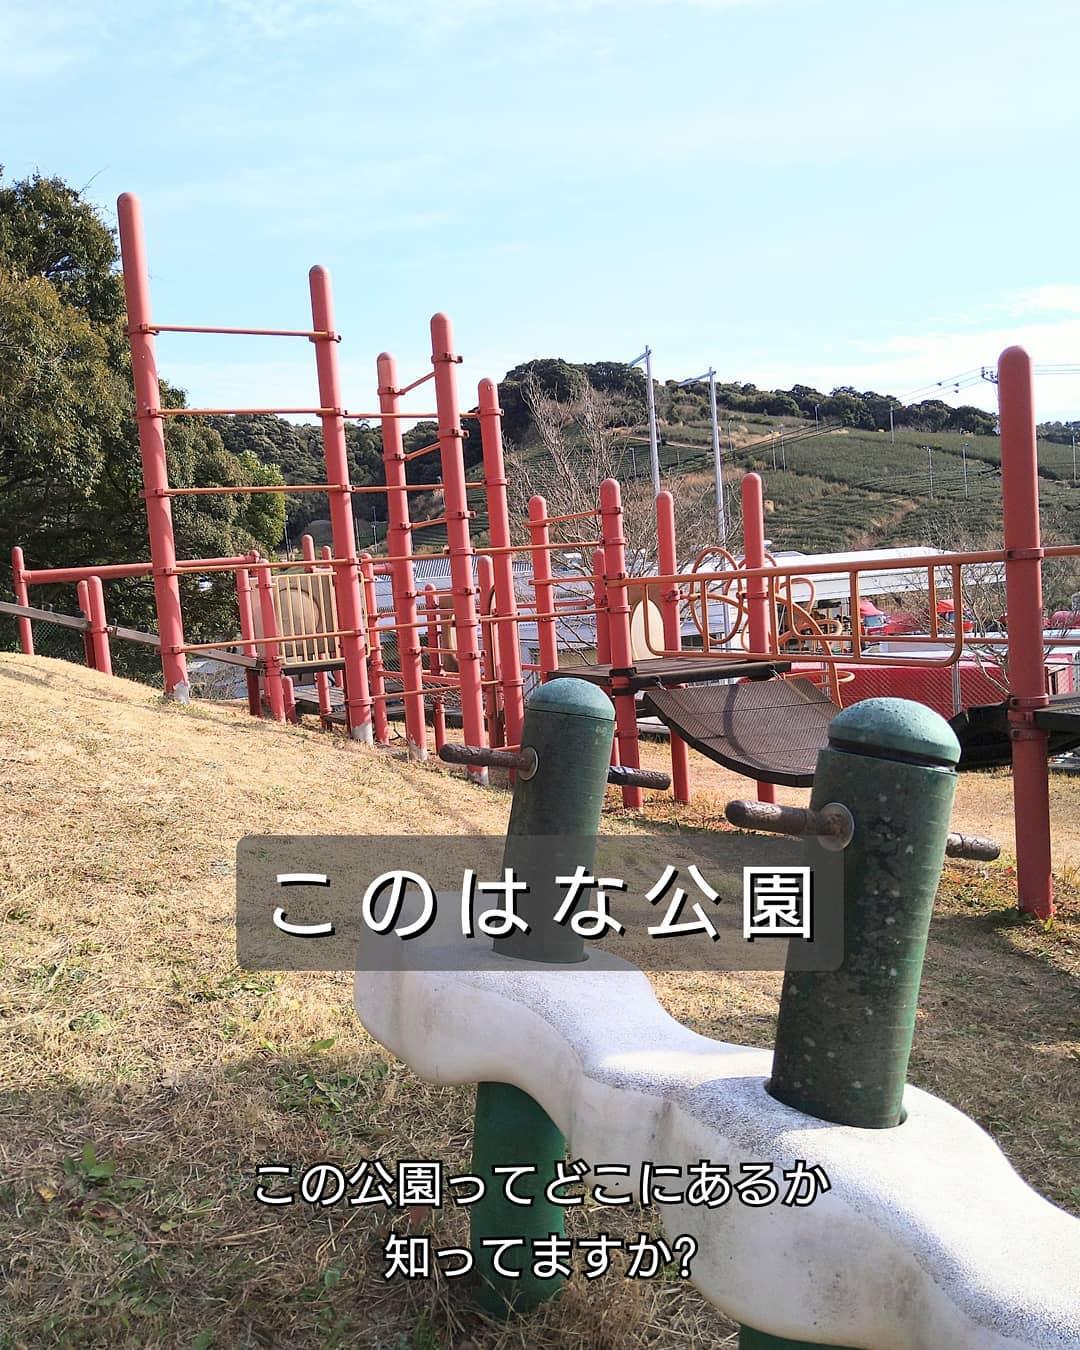 ☆公園は冬だからこそ遊びやすい